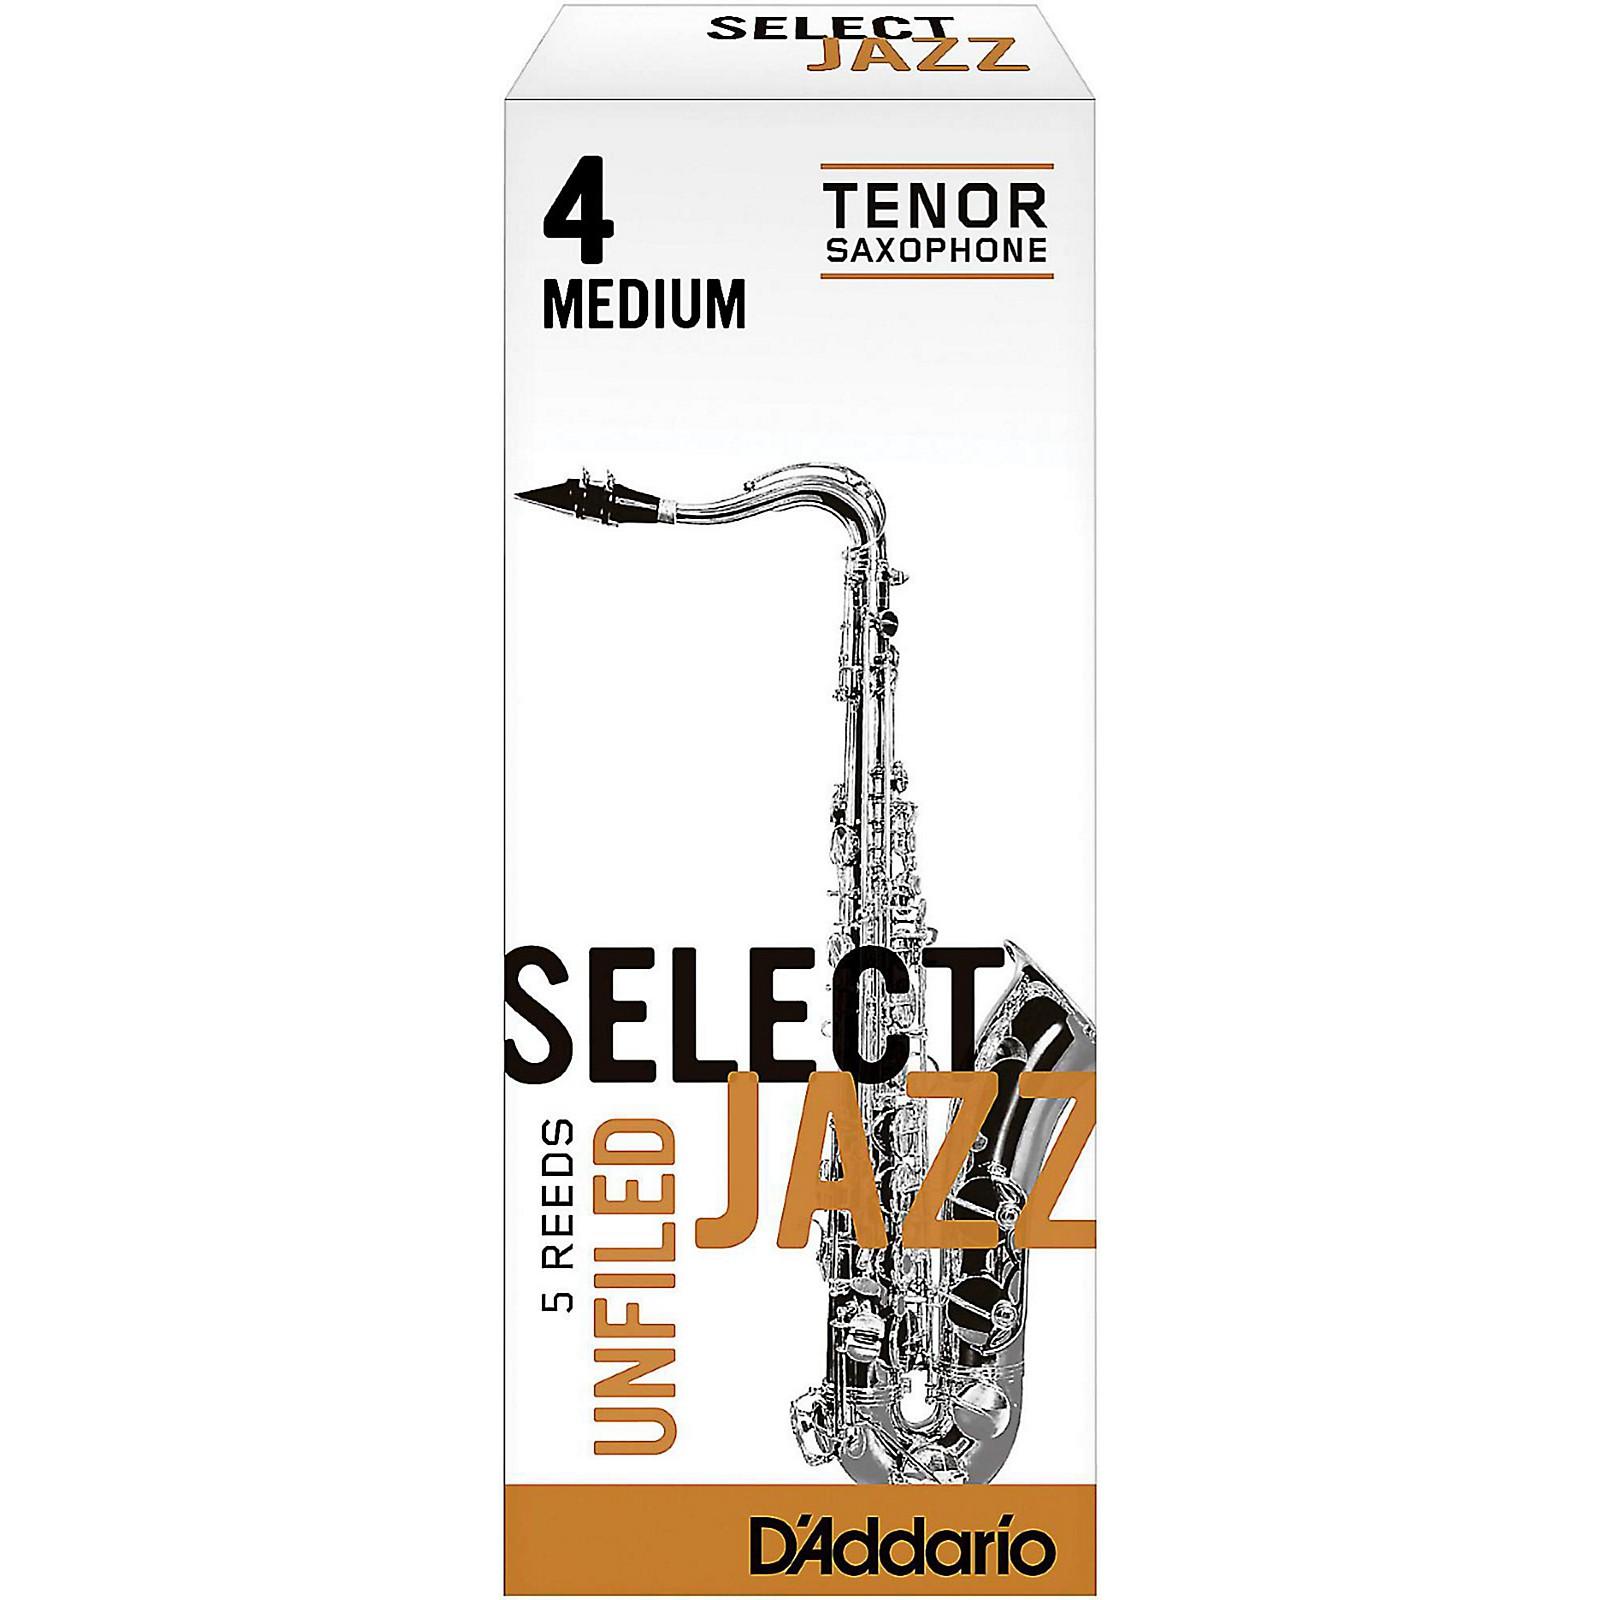 D'Addario Woodwinds Select Jazz Unfiled Tenor Saxophone Reeds